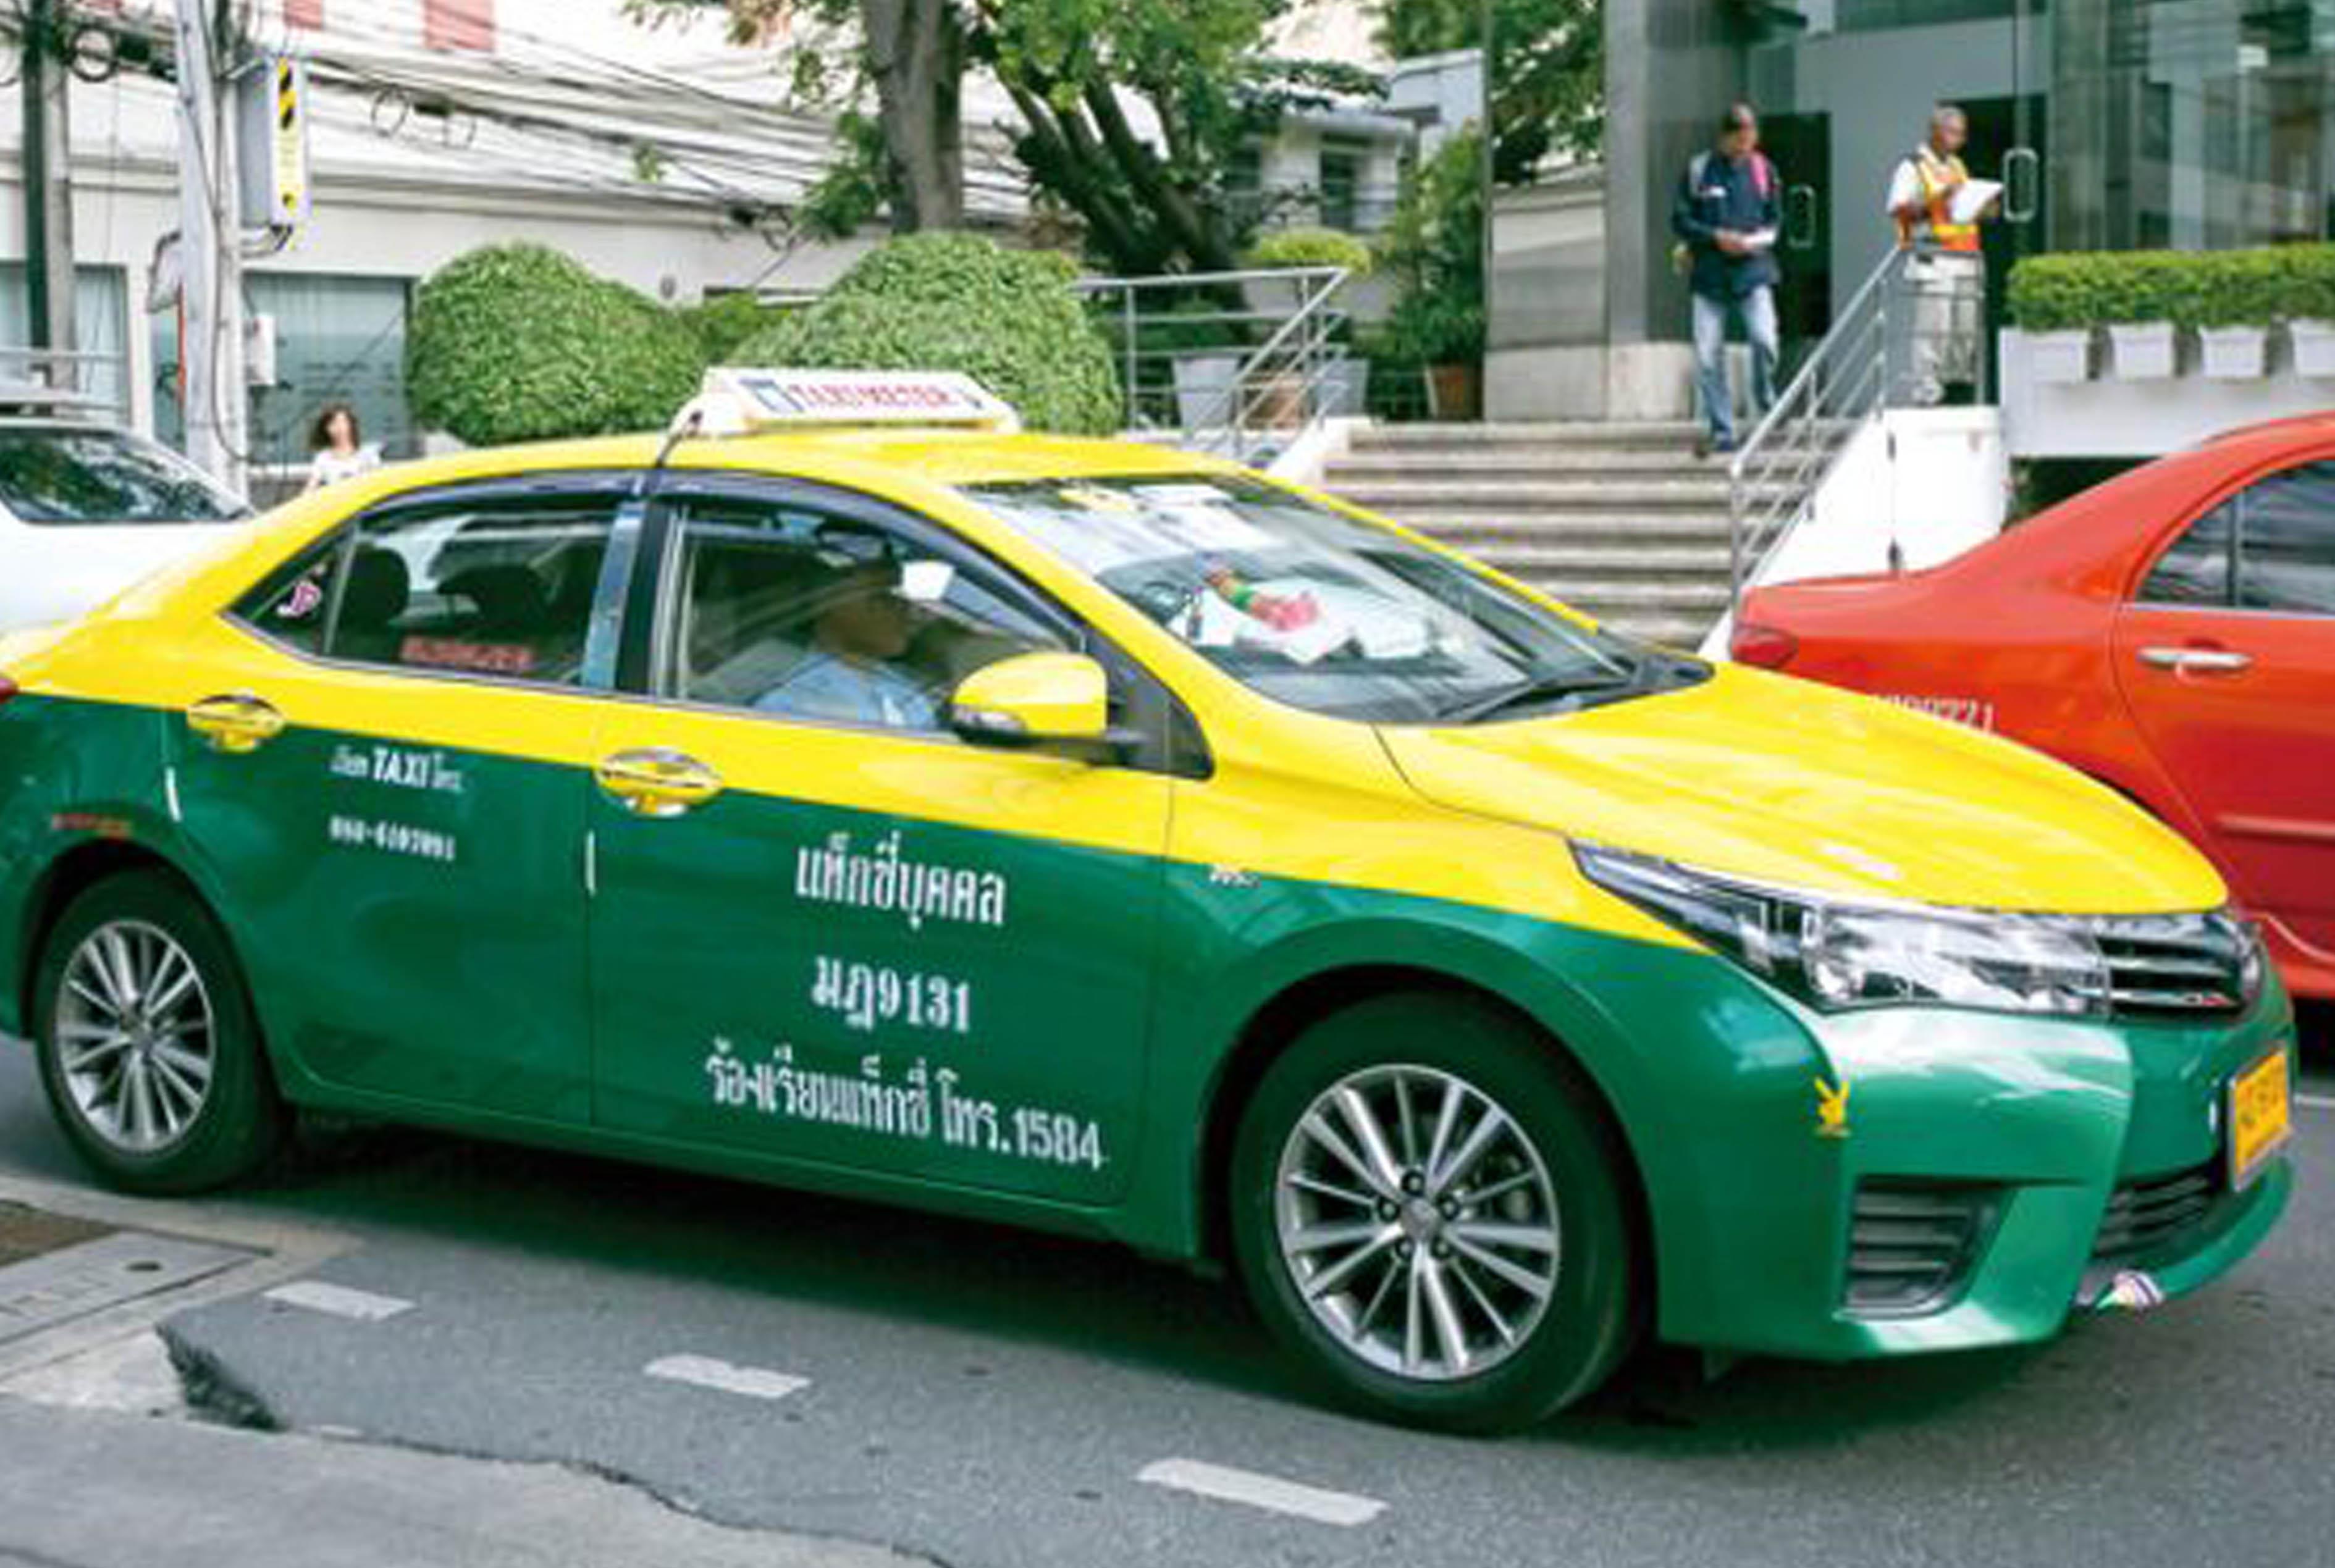 バンコク首都圏で実施されたタクシー料金の値上げの余波